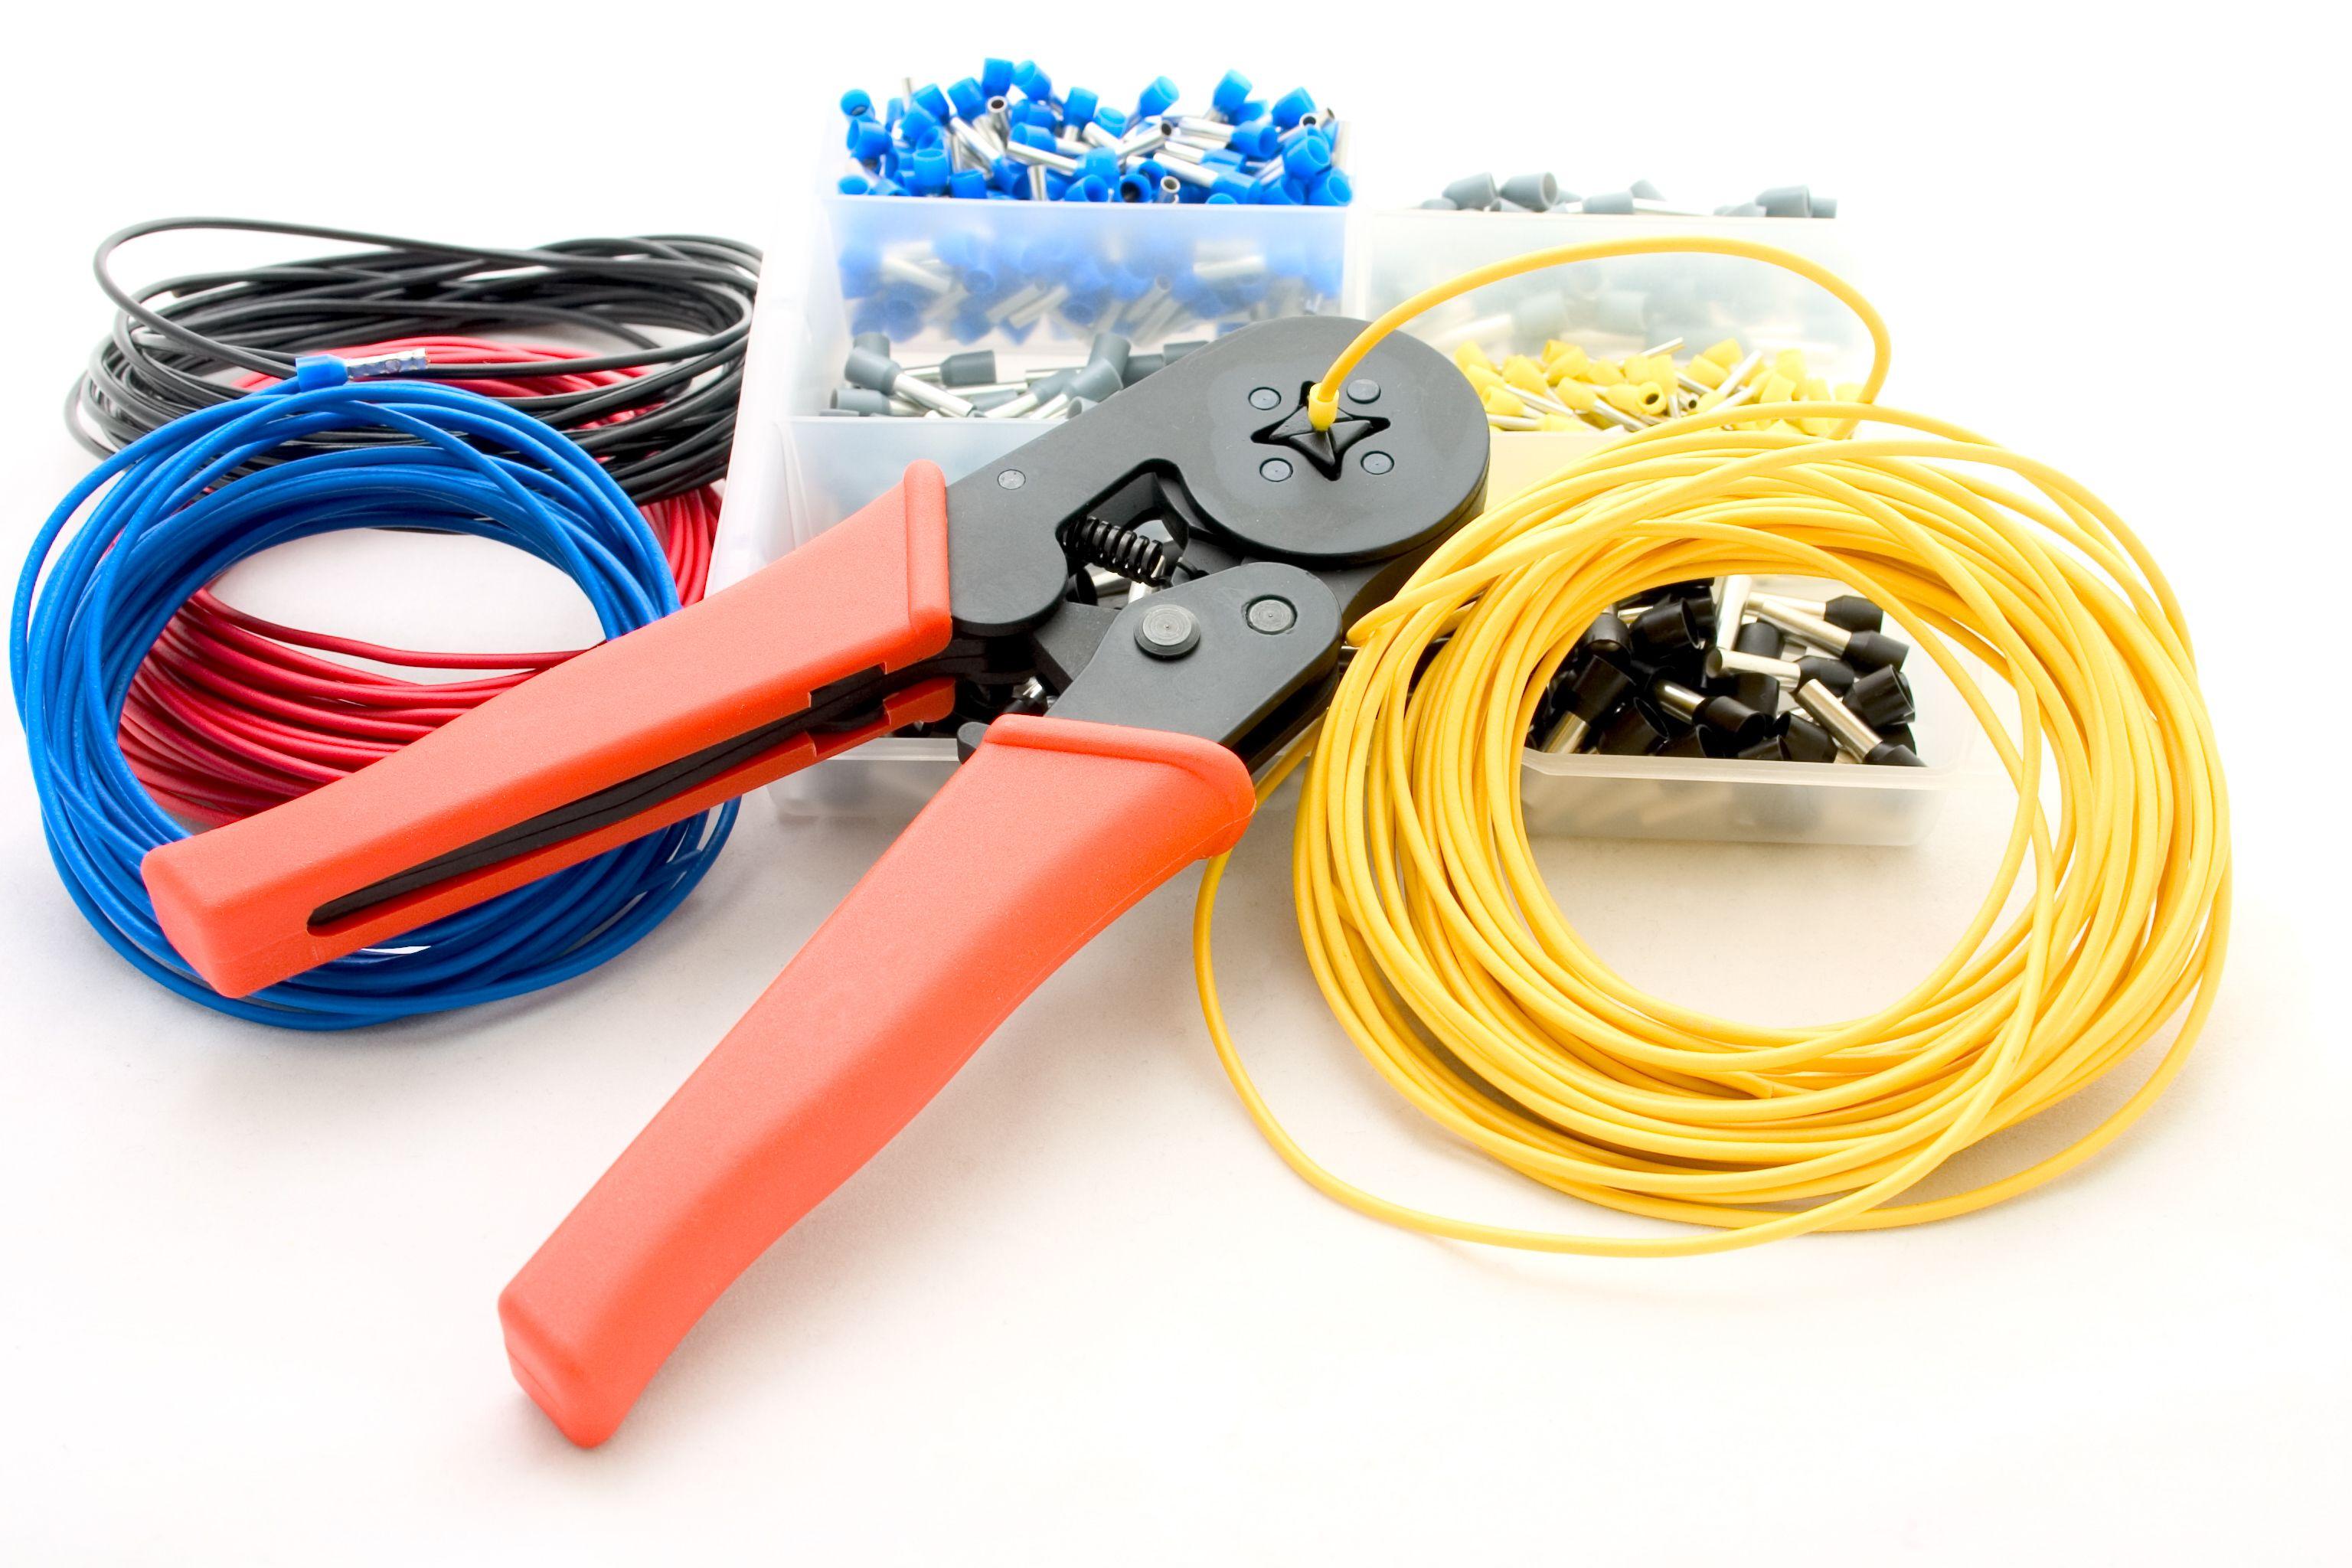 Venta de material eléctrico: Servicios de Elegades